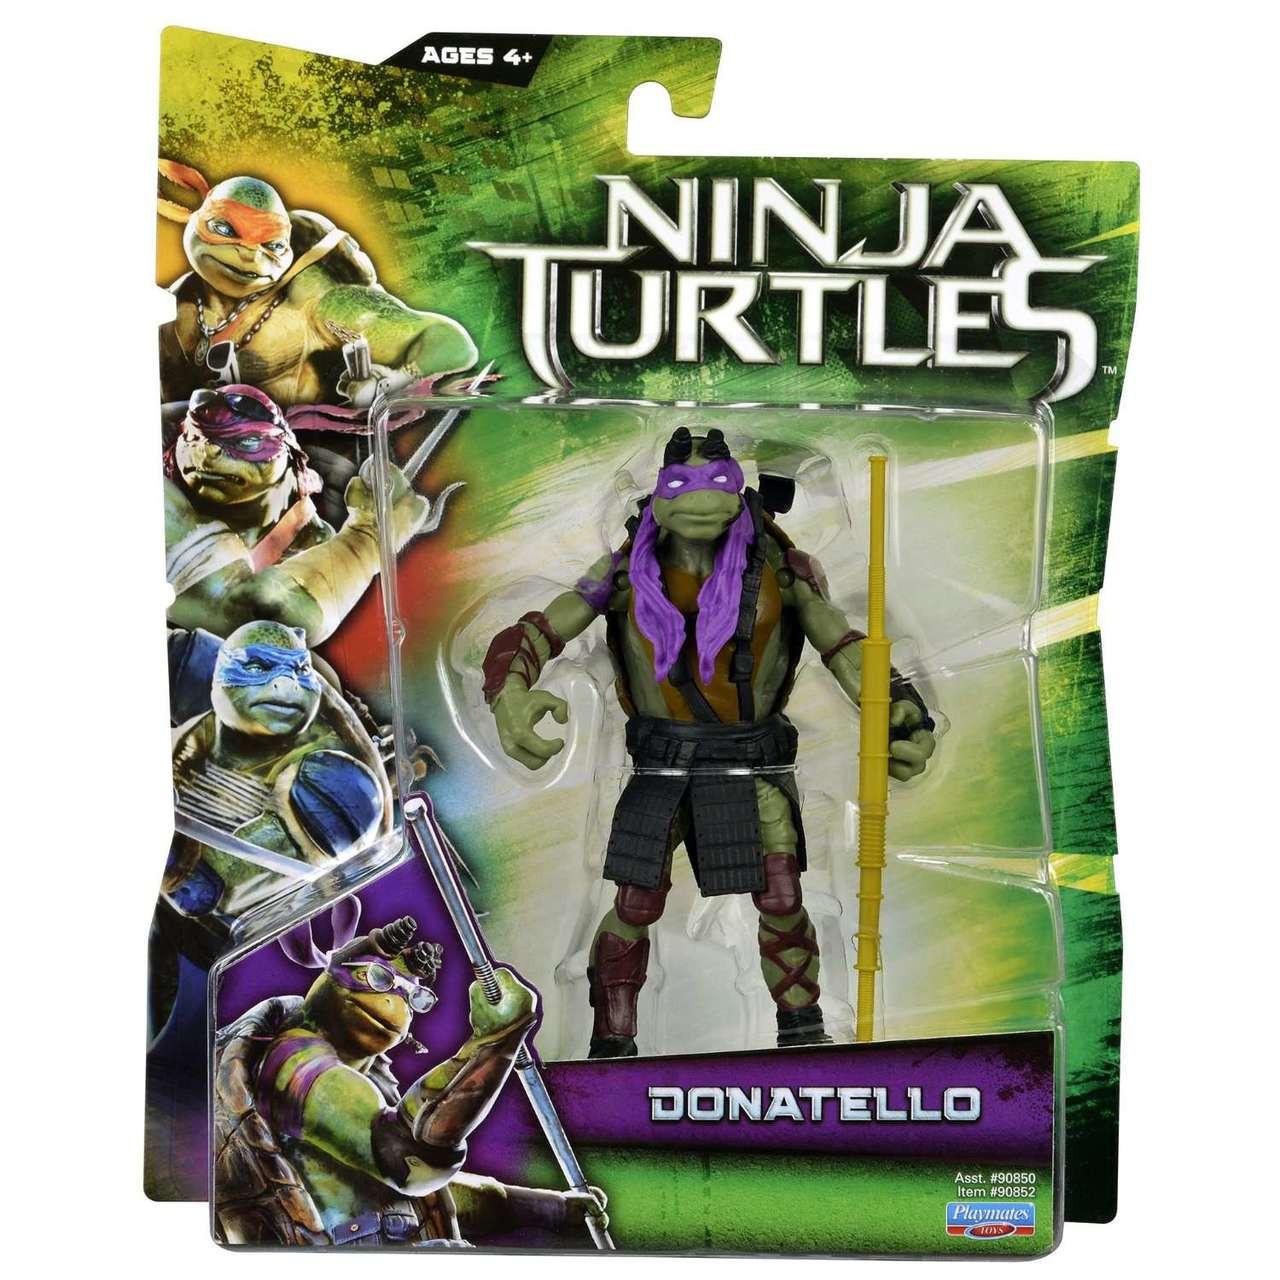 Teenage Mutant Ninja Turtles 2014 Movie Donatello Action Figure